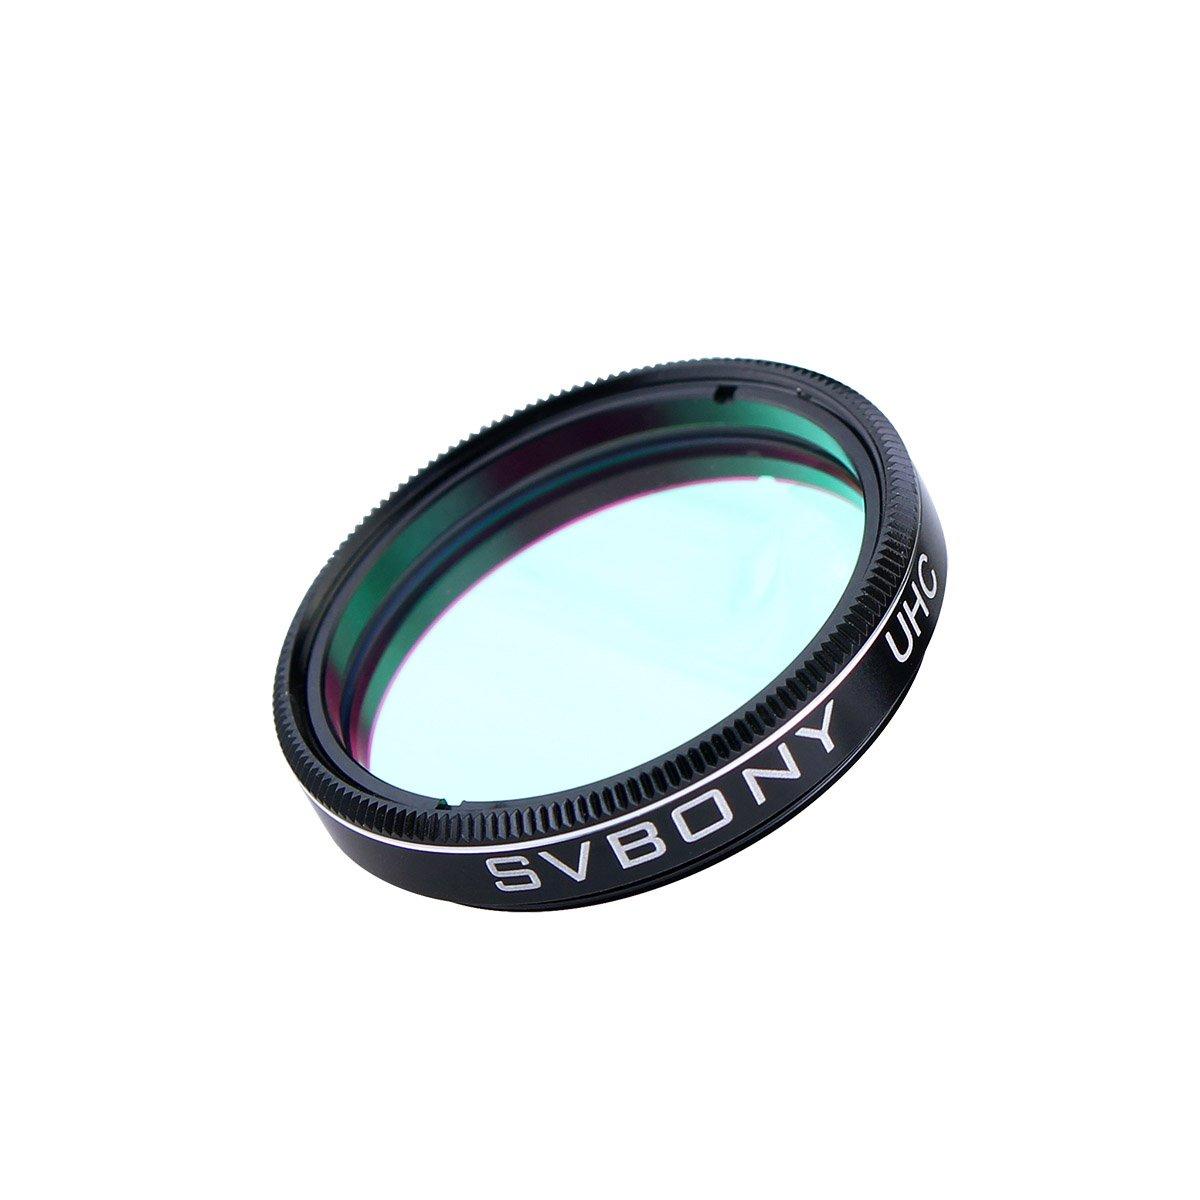 Svbony Filtre UHC 1.25 Ultra Haute Contraste Anti-Pollution pour N/ébuleuses Observation du Ciel Profond